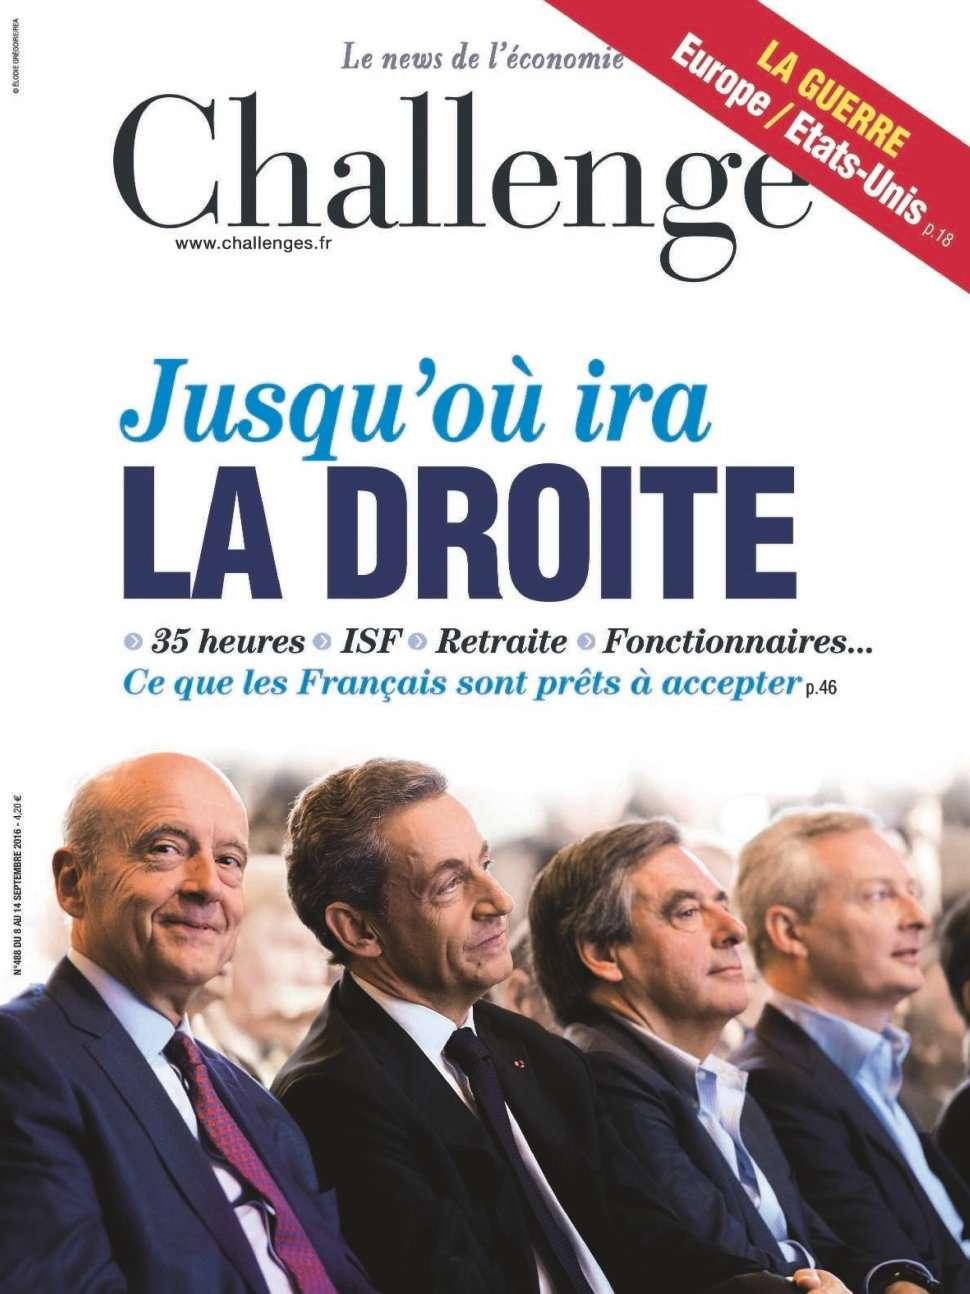 Challenges 488 - 08 au 14 Septembre 2016